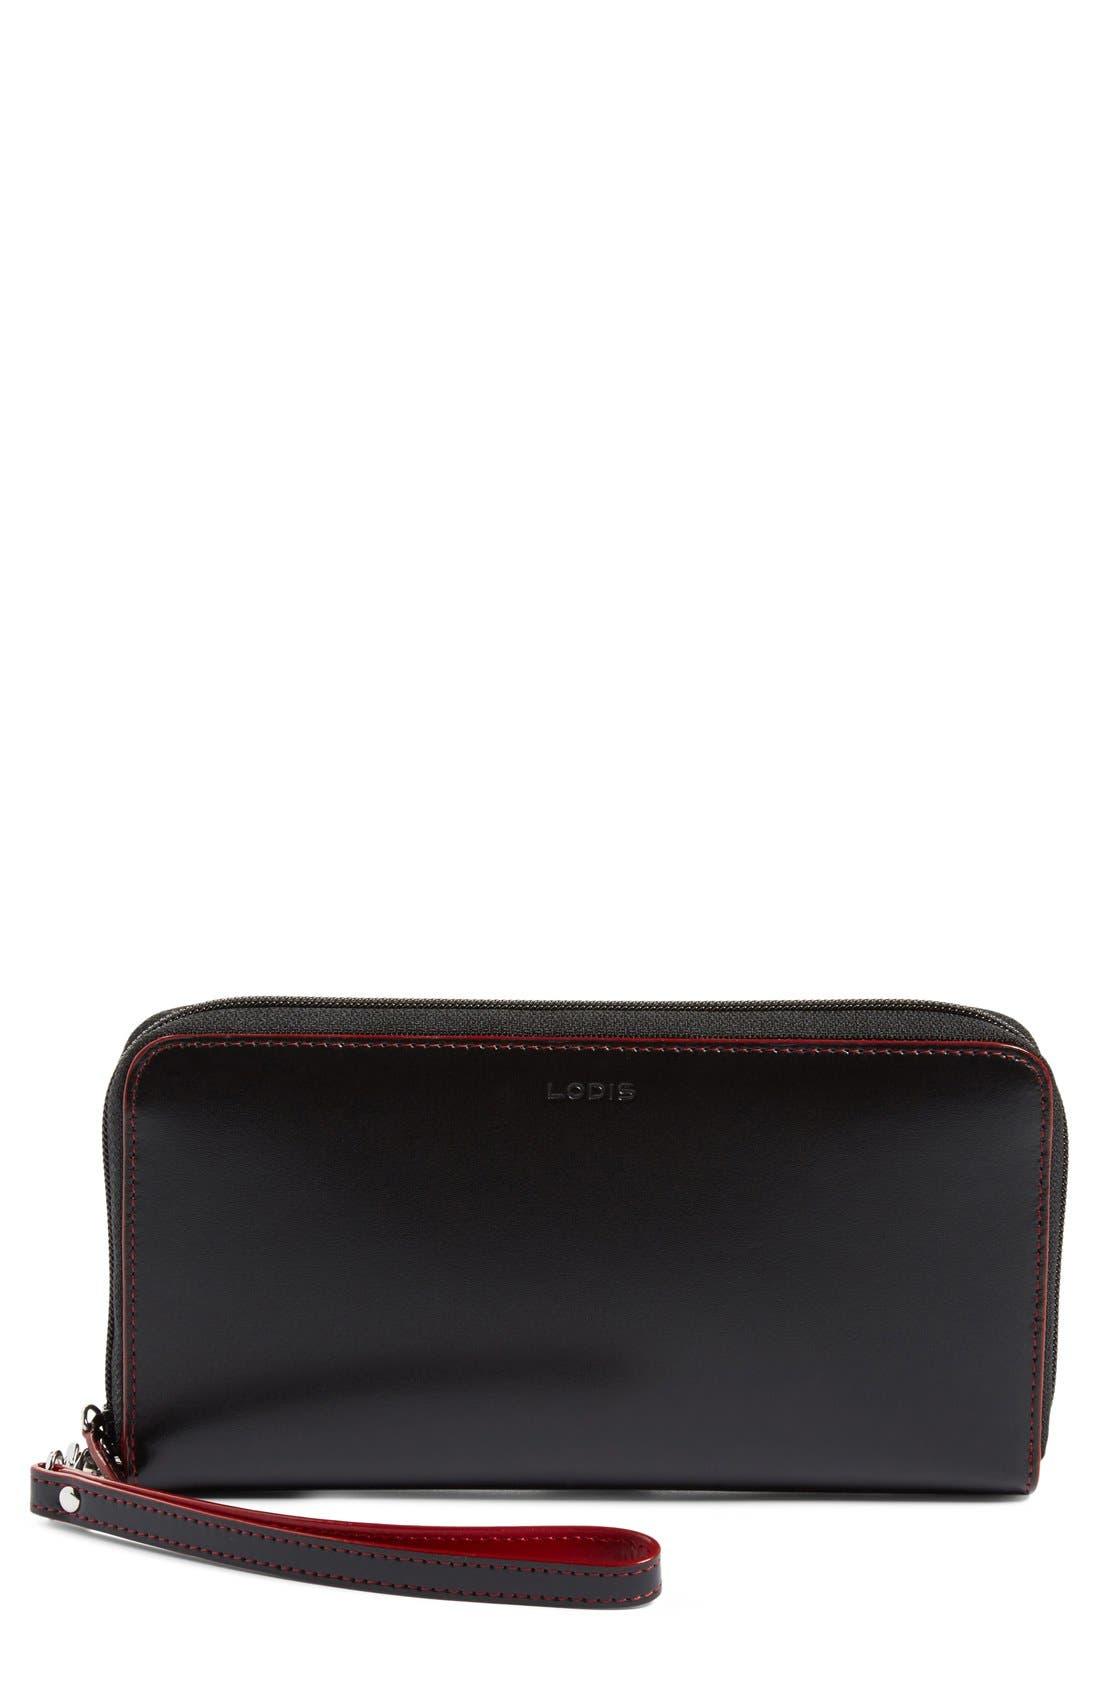 Lodis Audrey RFID Leather Wristlet,                             Main thumbnail 1, color,                             001